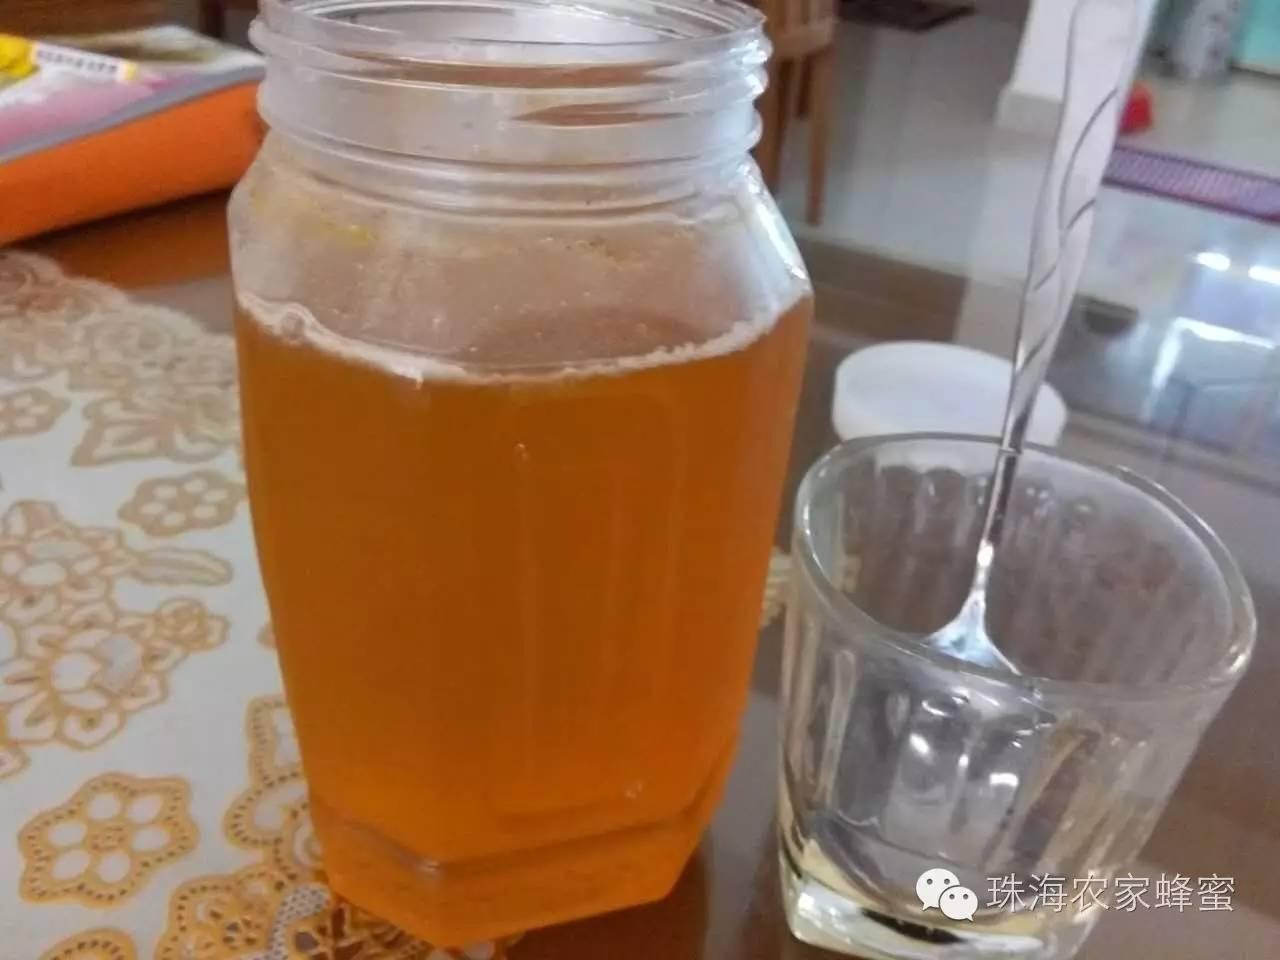 蜂蜜姜水的做法 痔疮蜂蜜 西红柿蜂蜜面膜怎么做 一层蜂蜜一层柠檬 白醋加蜂蜜